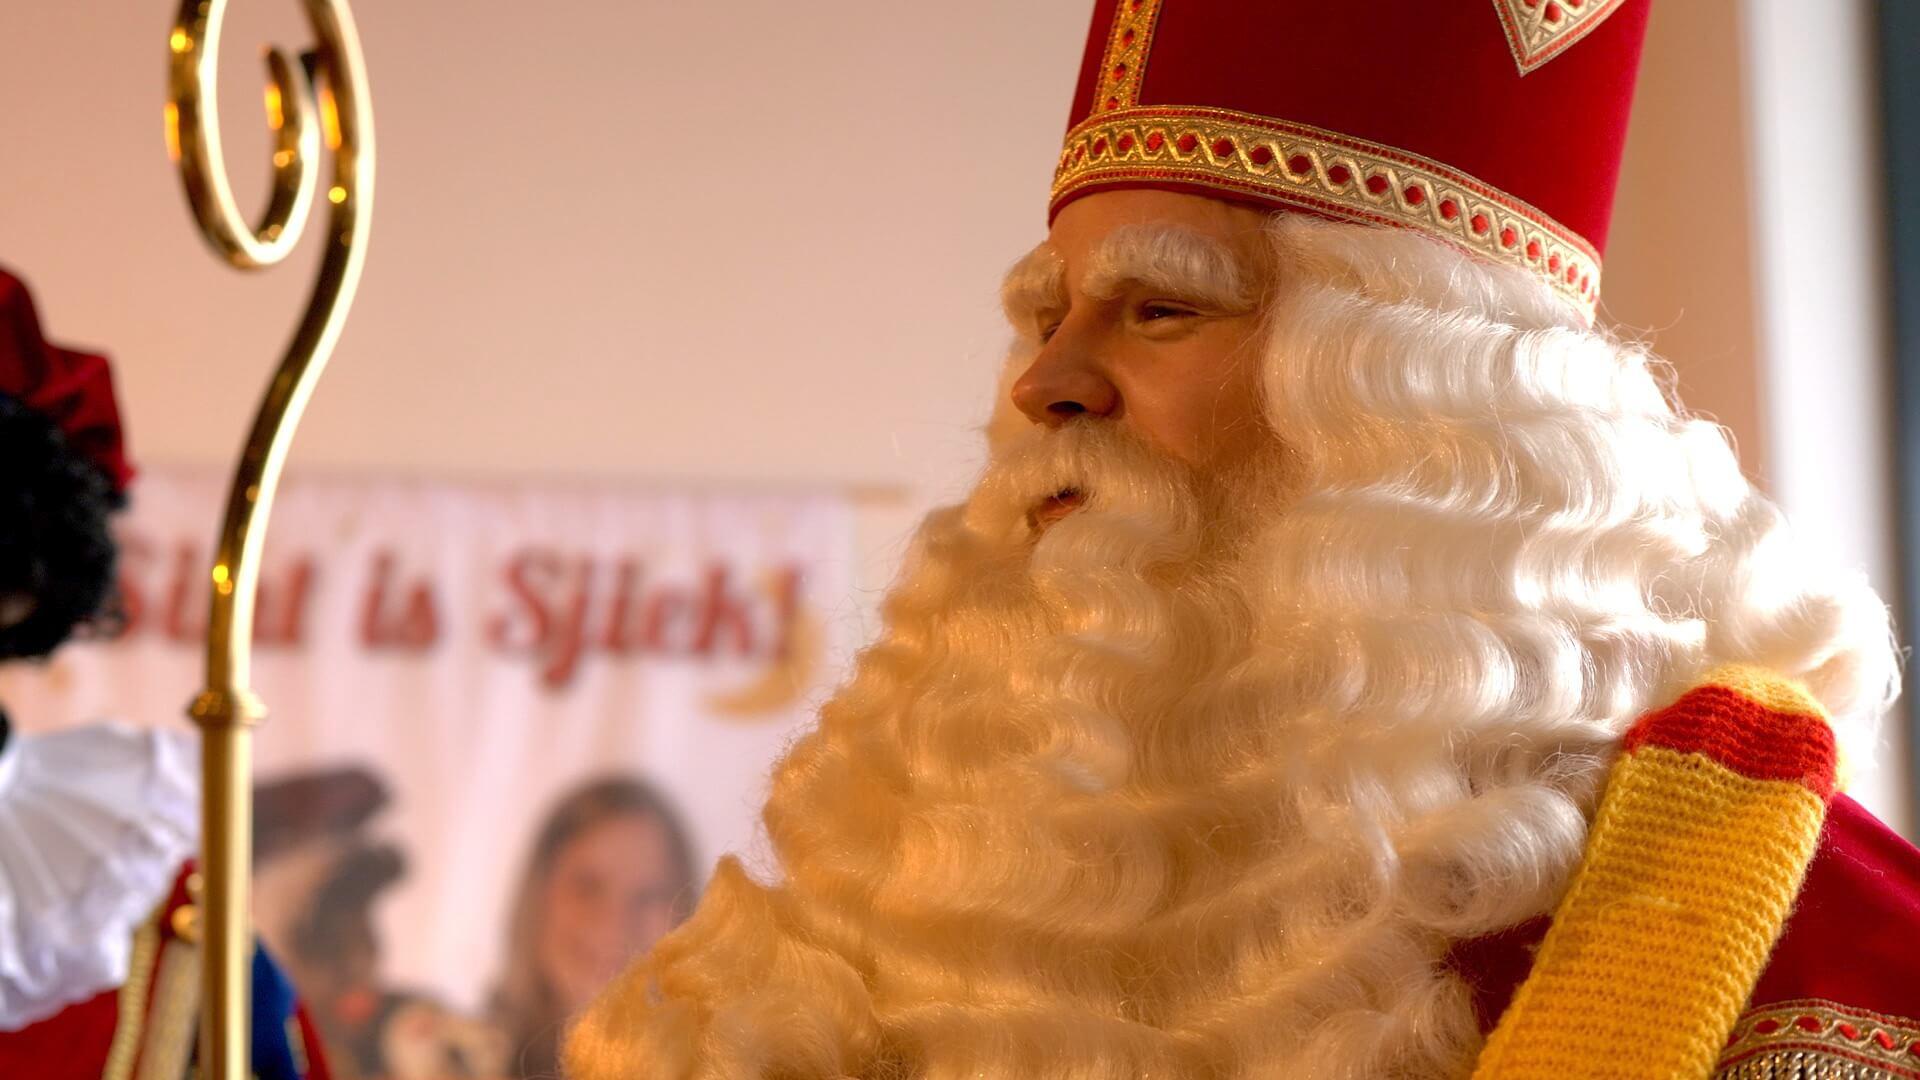 Tips bezoek van Sinterklaas sinterklaasfeest op een bedrijf